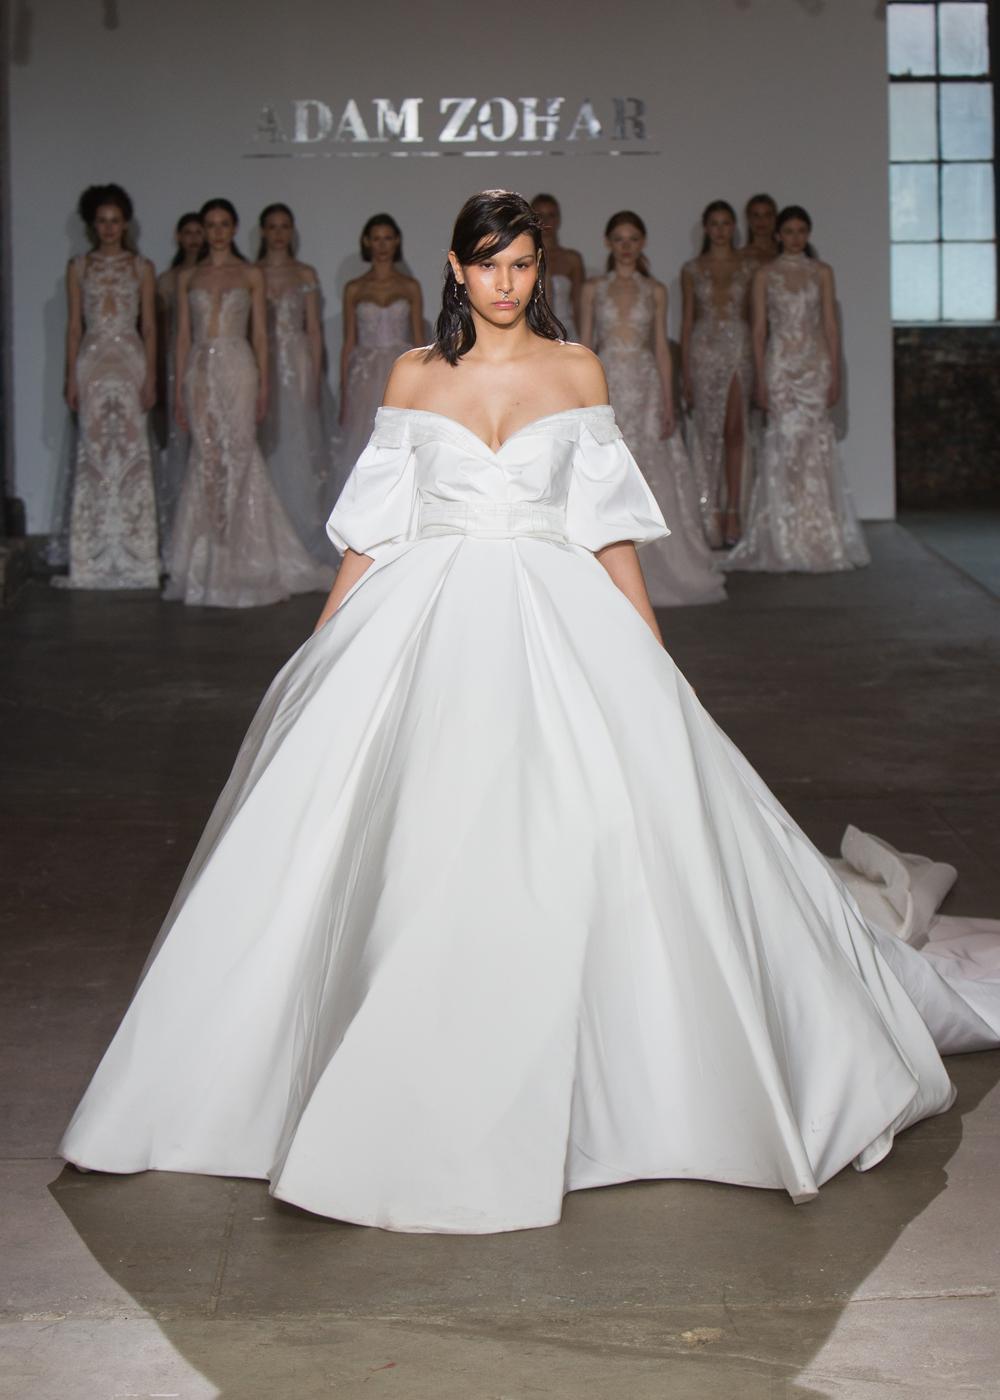 Adam Zohar off shoulder ball gown in sleek silk fabric meghan markle wedding dress inspiration